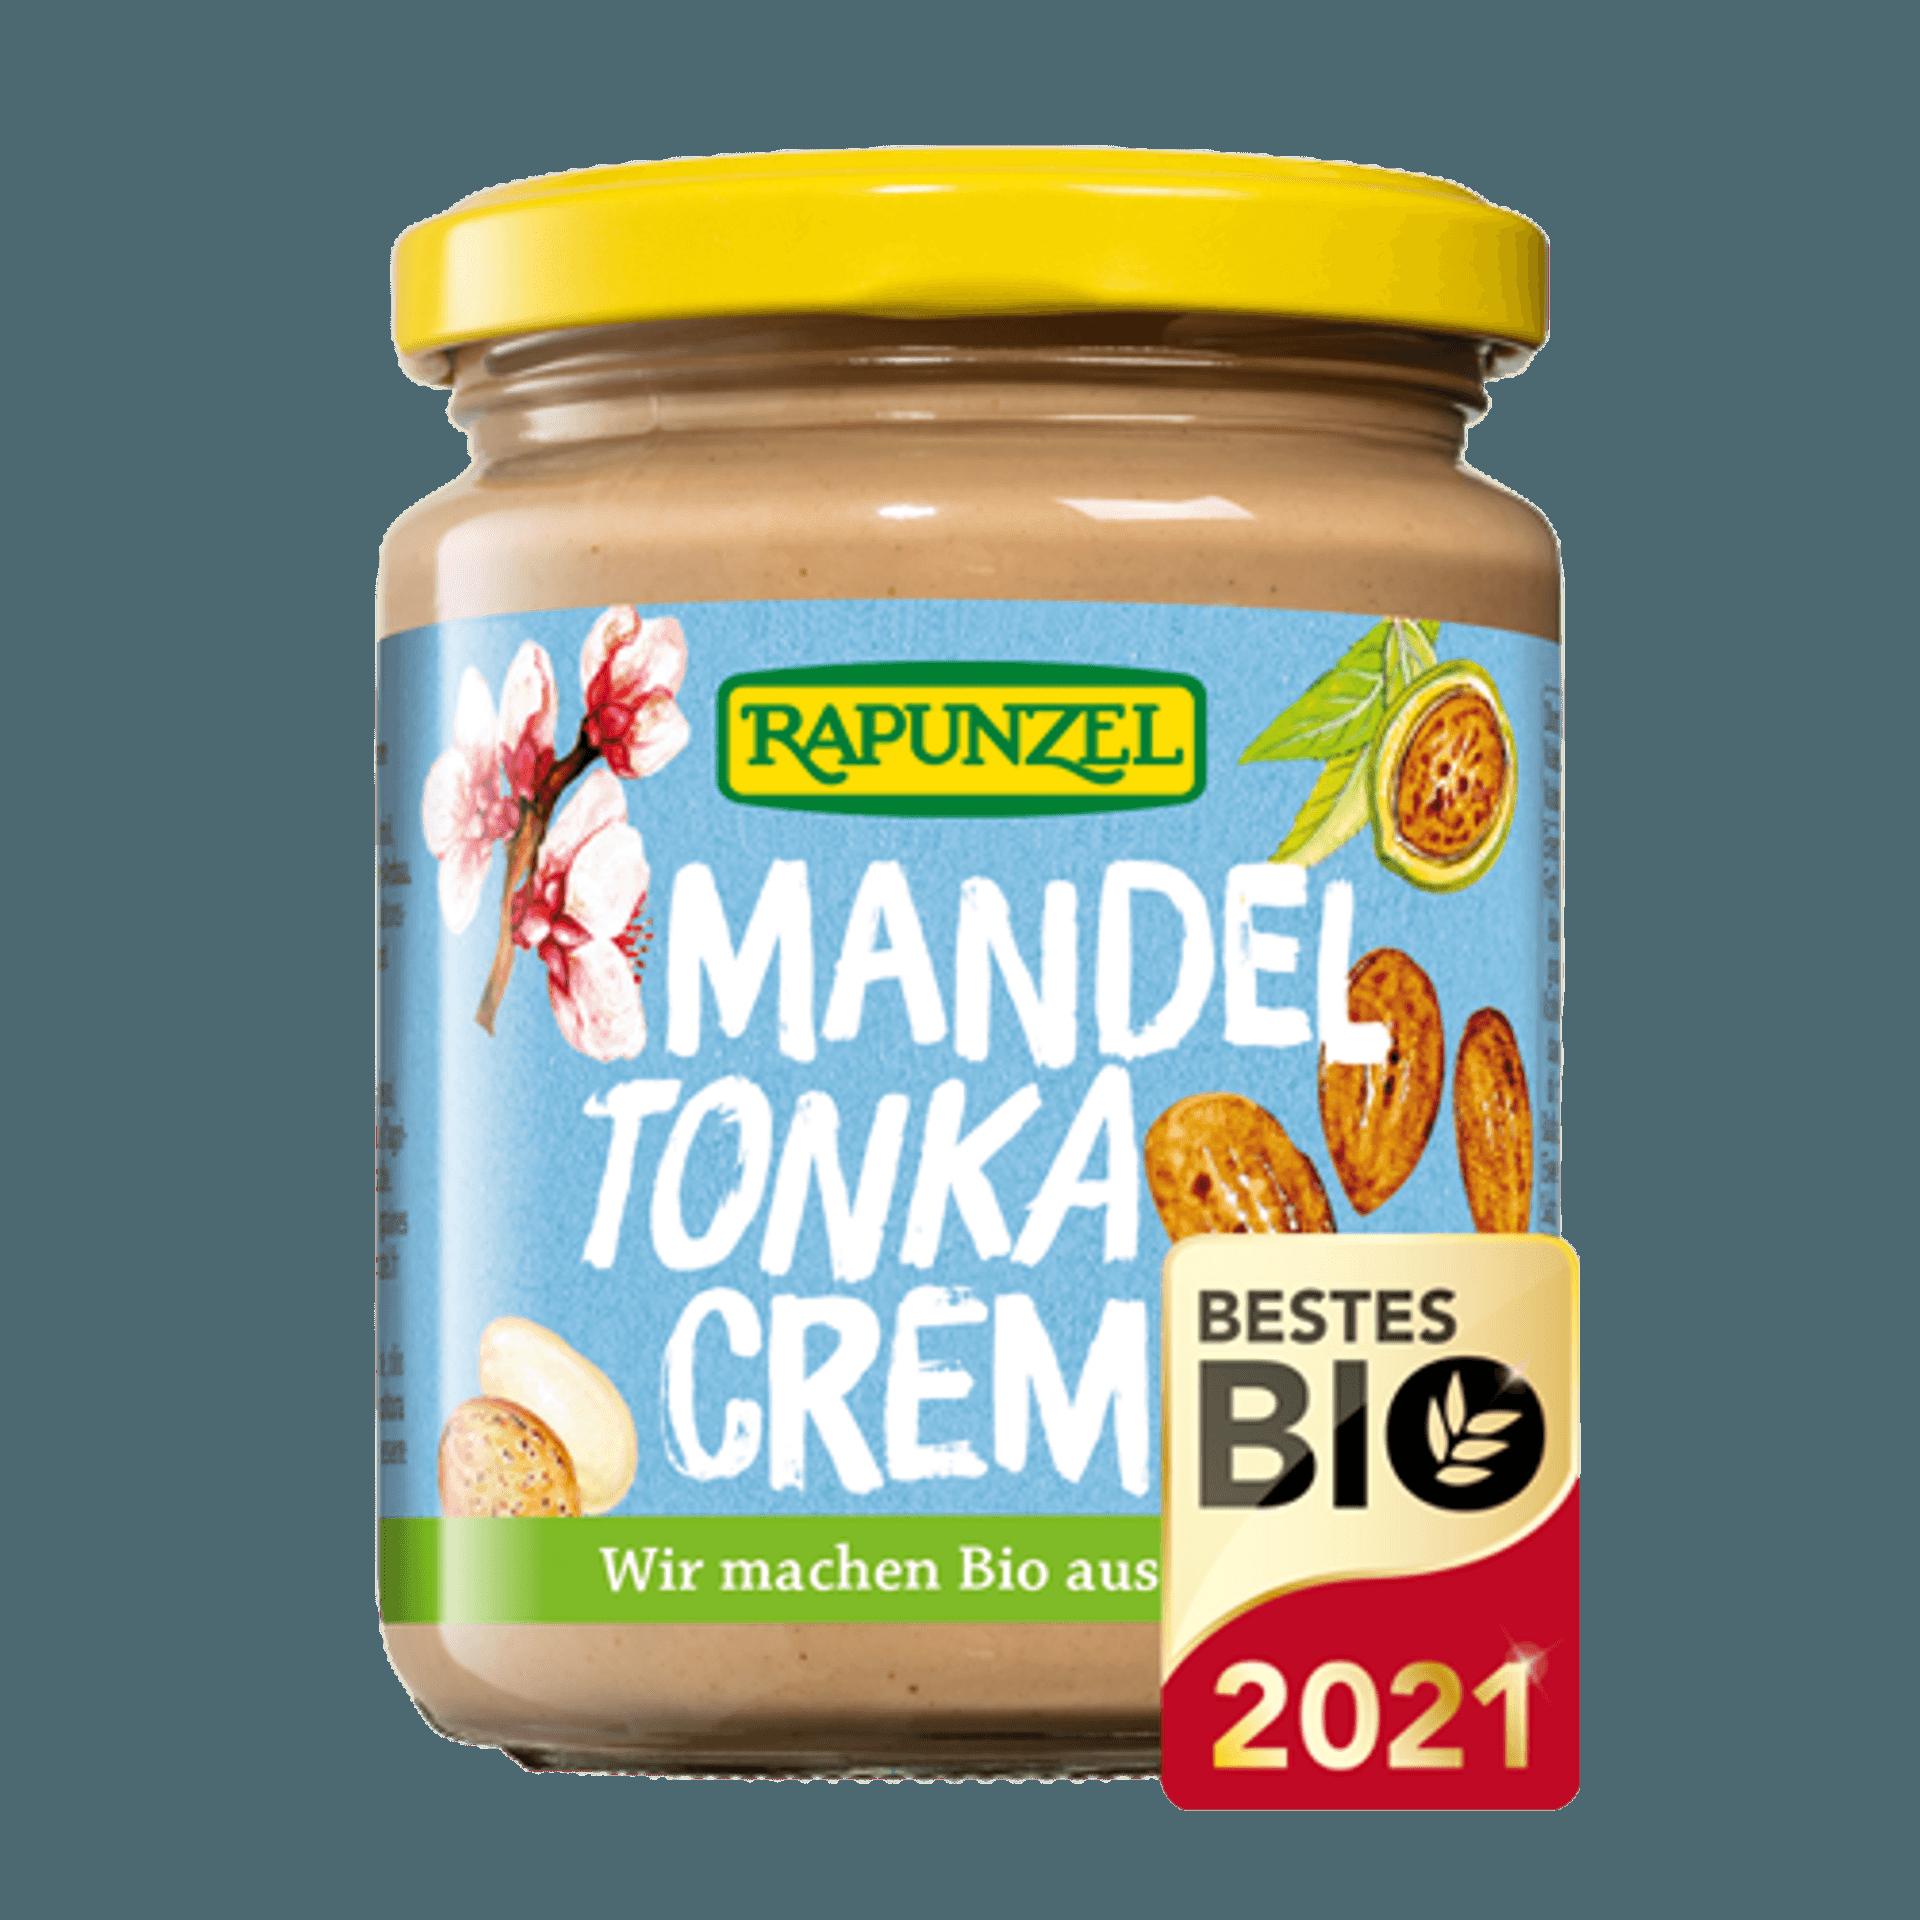 Ein Glas mit Mandel-Tonka-Creme